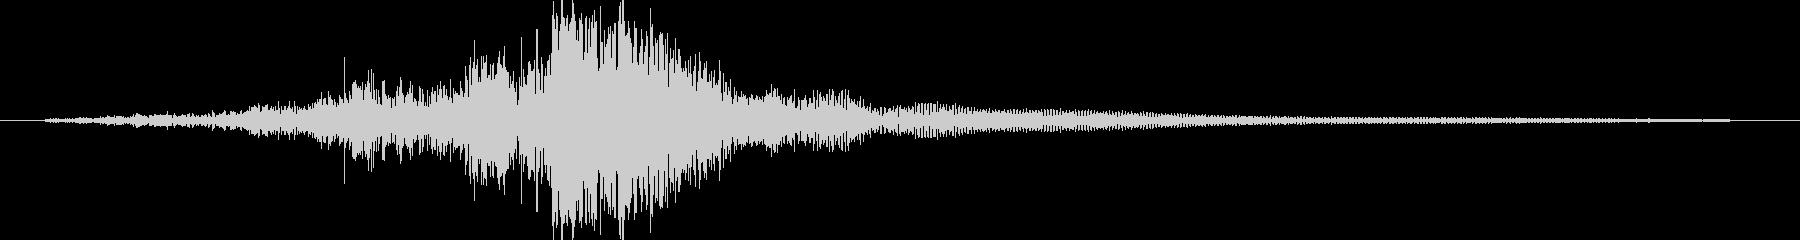 抜刀音の未再生の波形